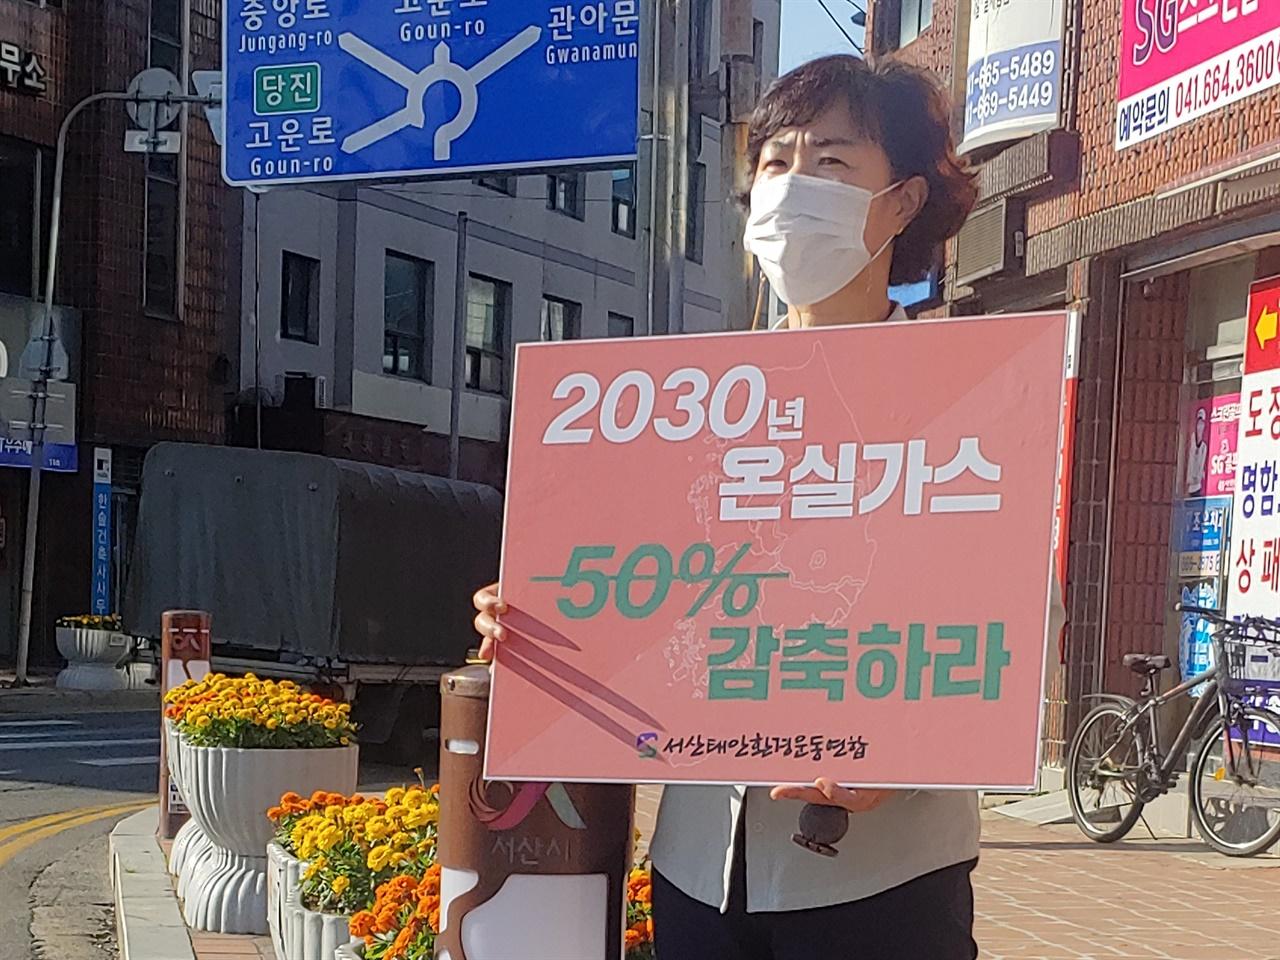 서산태안환경운동연합이 '2030년 온실가스 감축목표, 2018년 대비 50%로 상향'을 촉구했다.